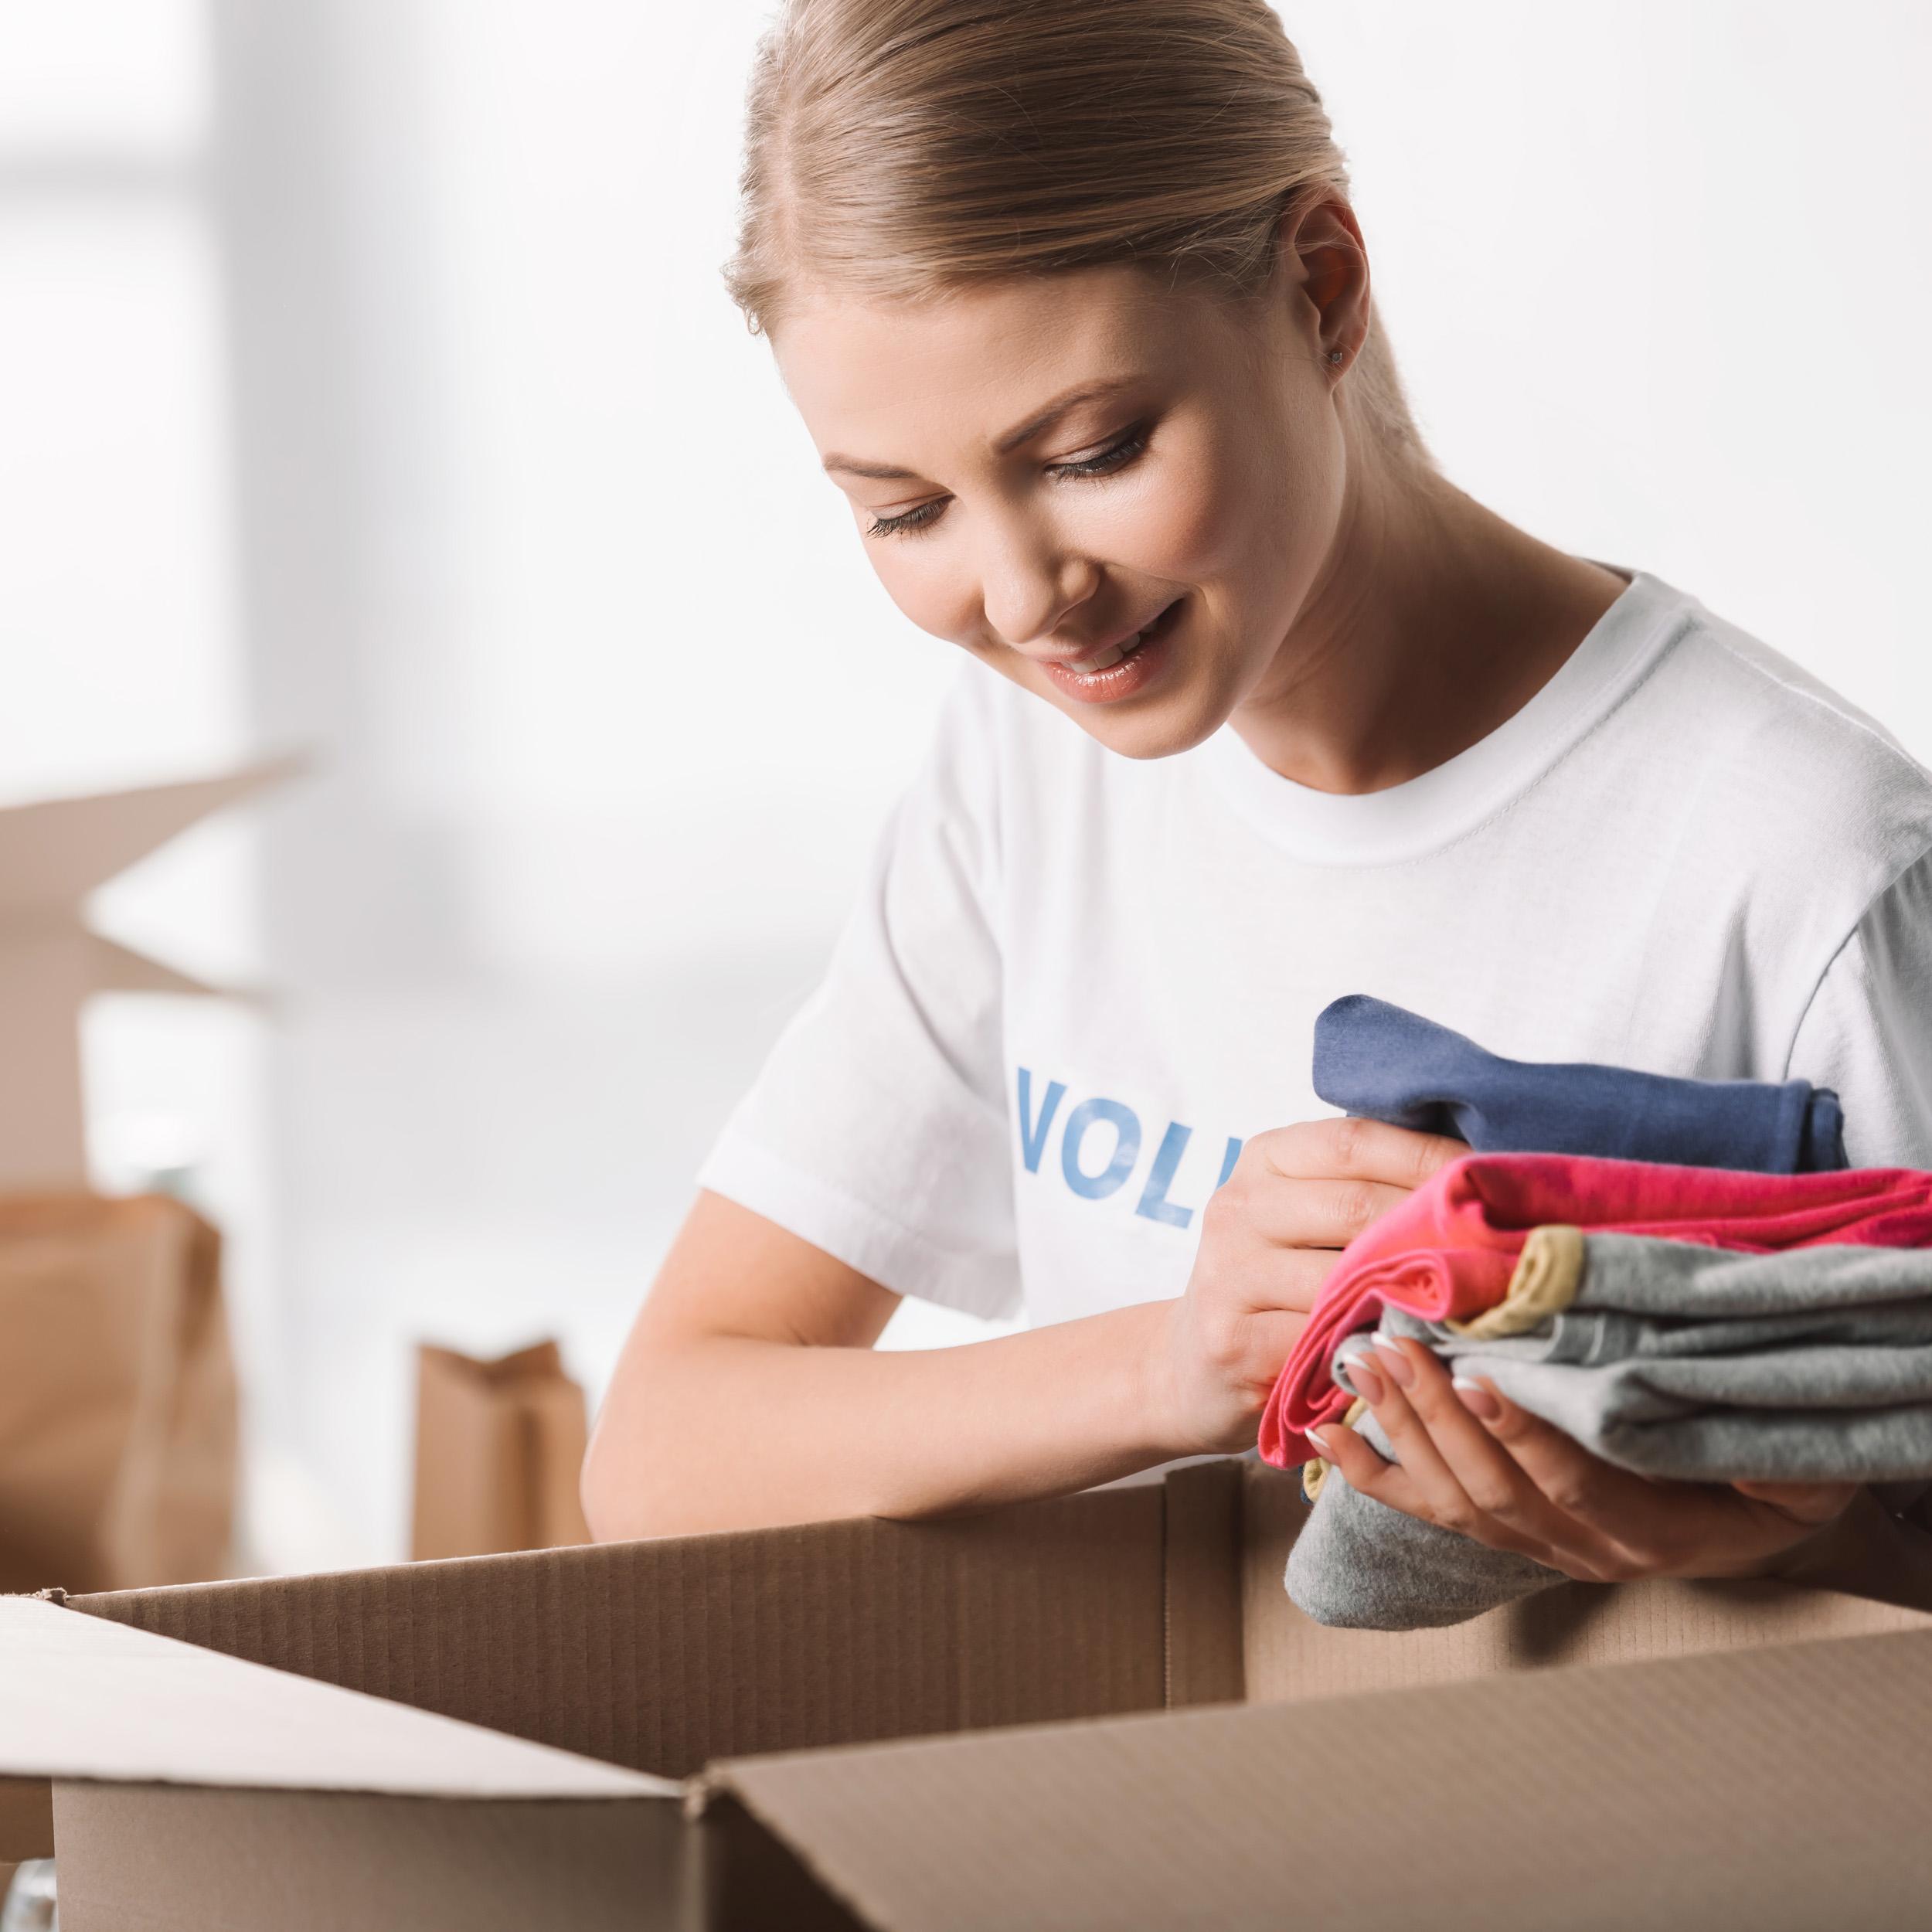 volunteer help sort clothes.jpg